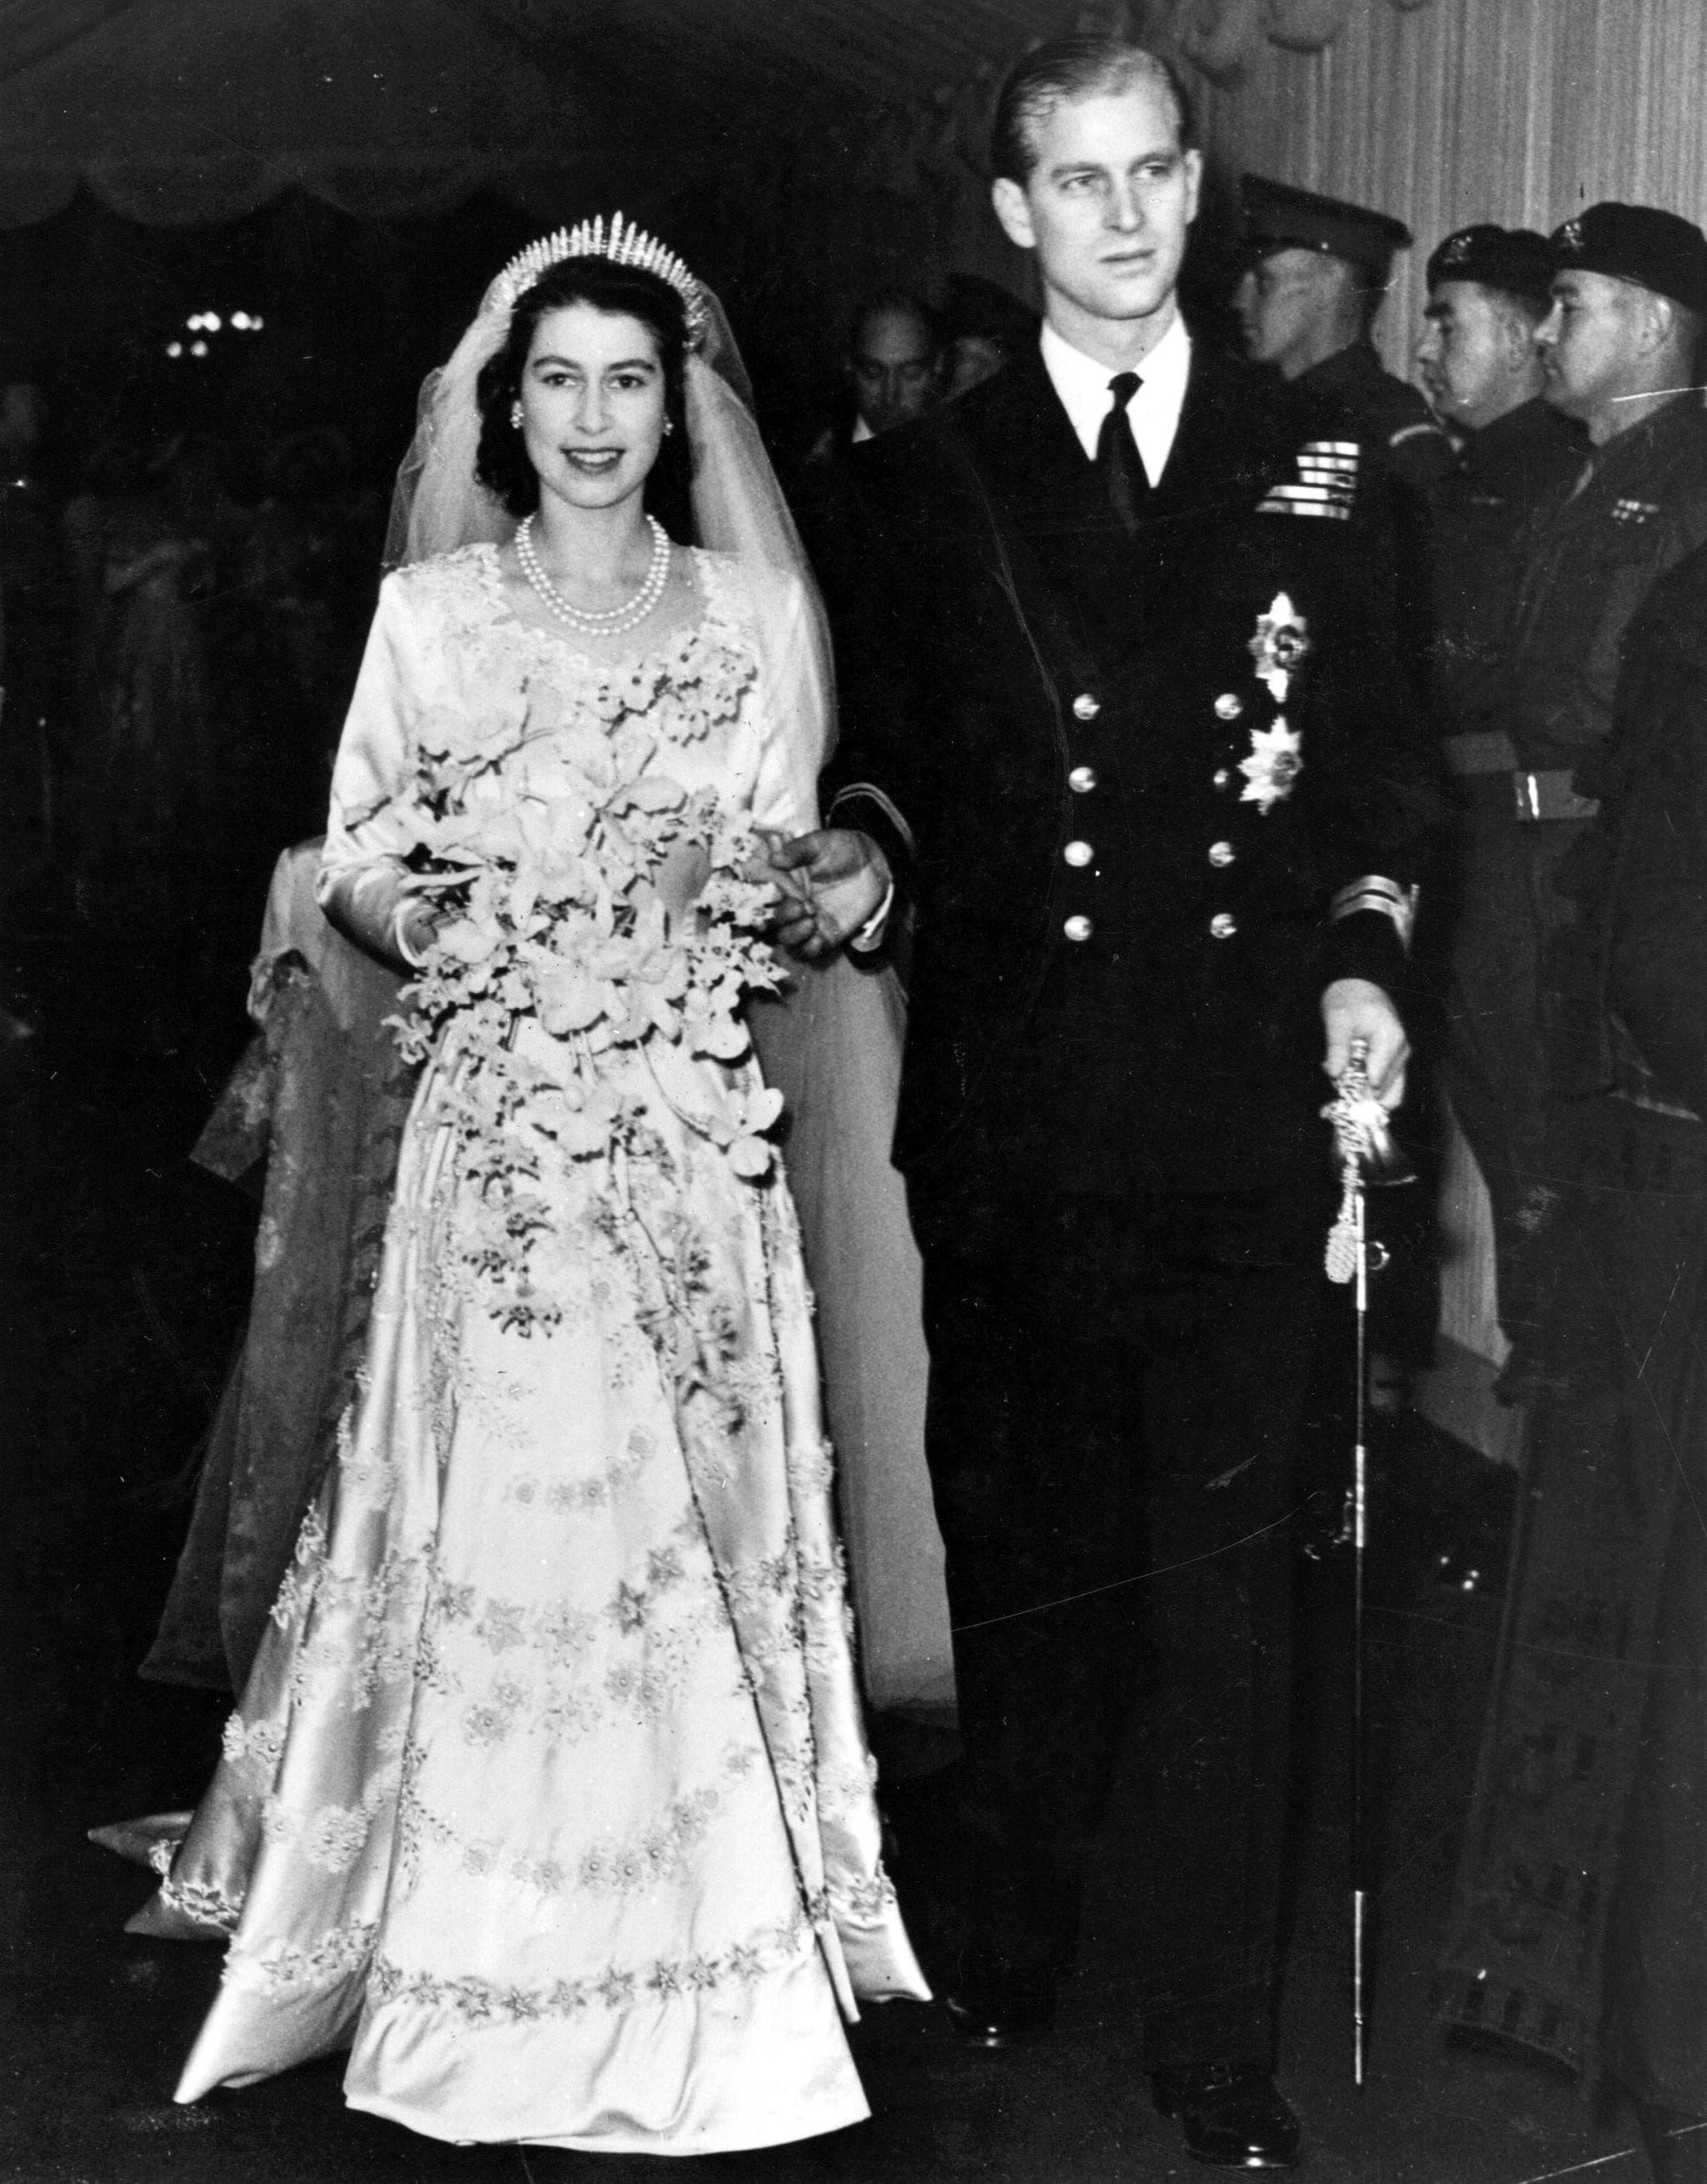 ملكة بريطانيا يوم زفافها في العام 1947